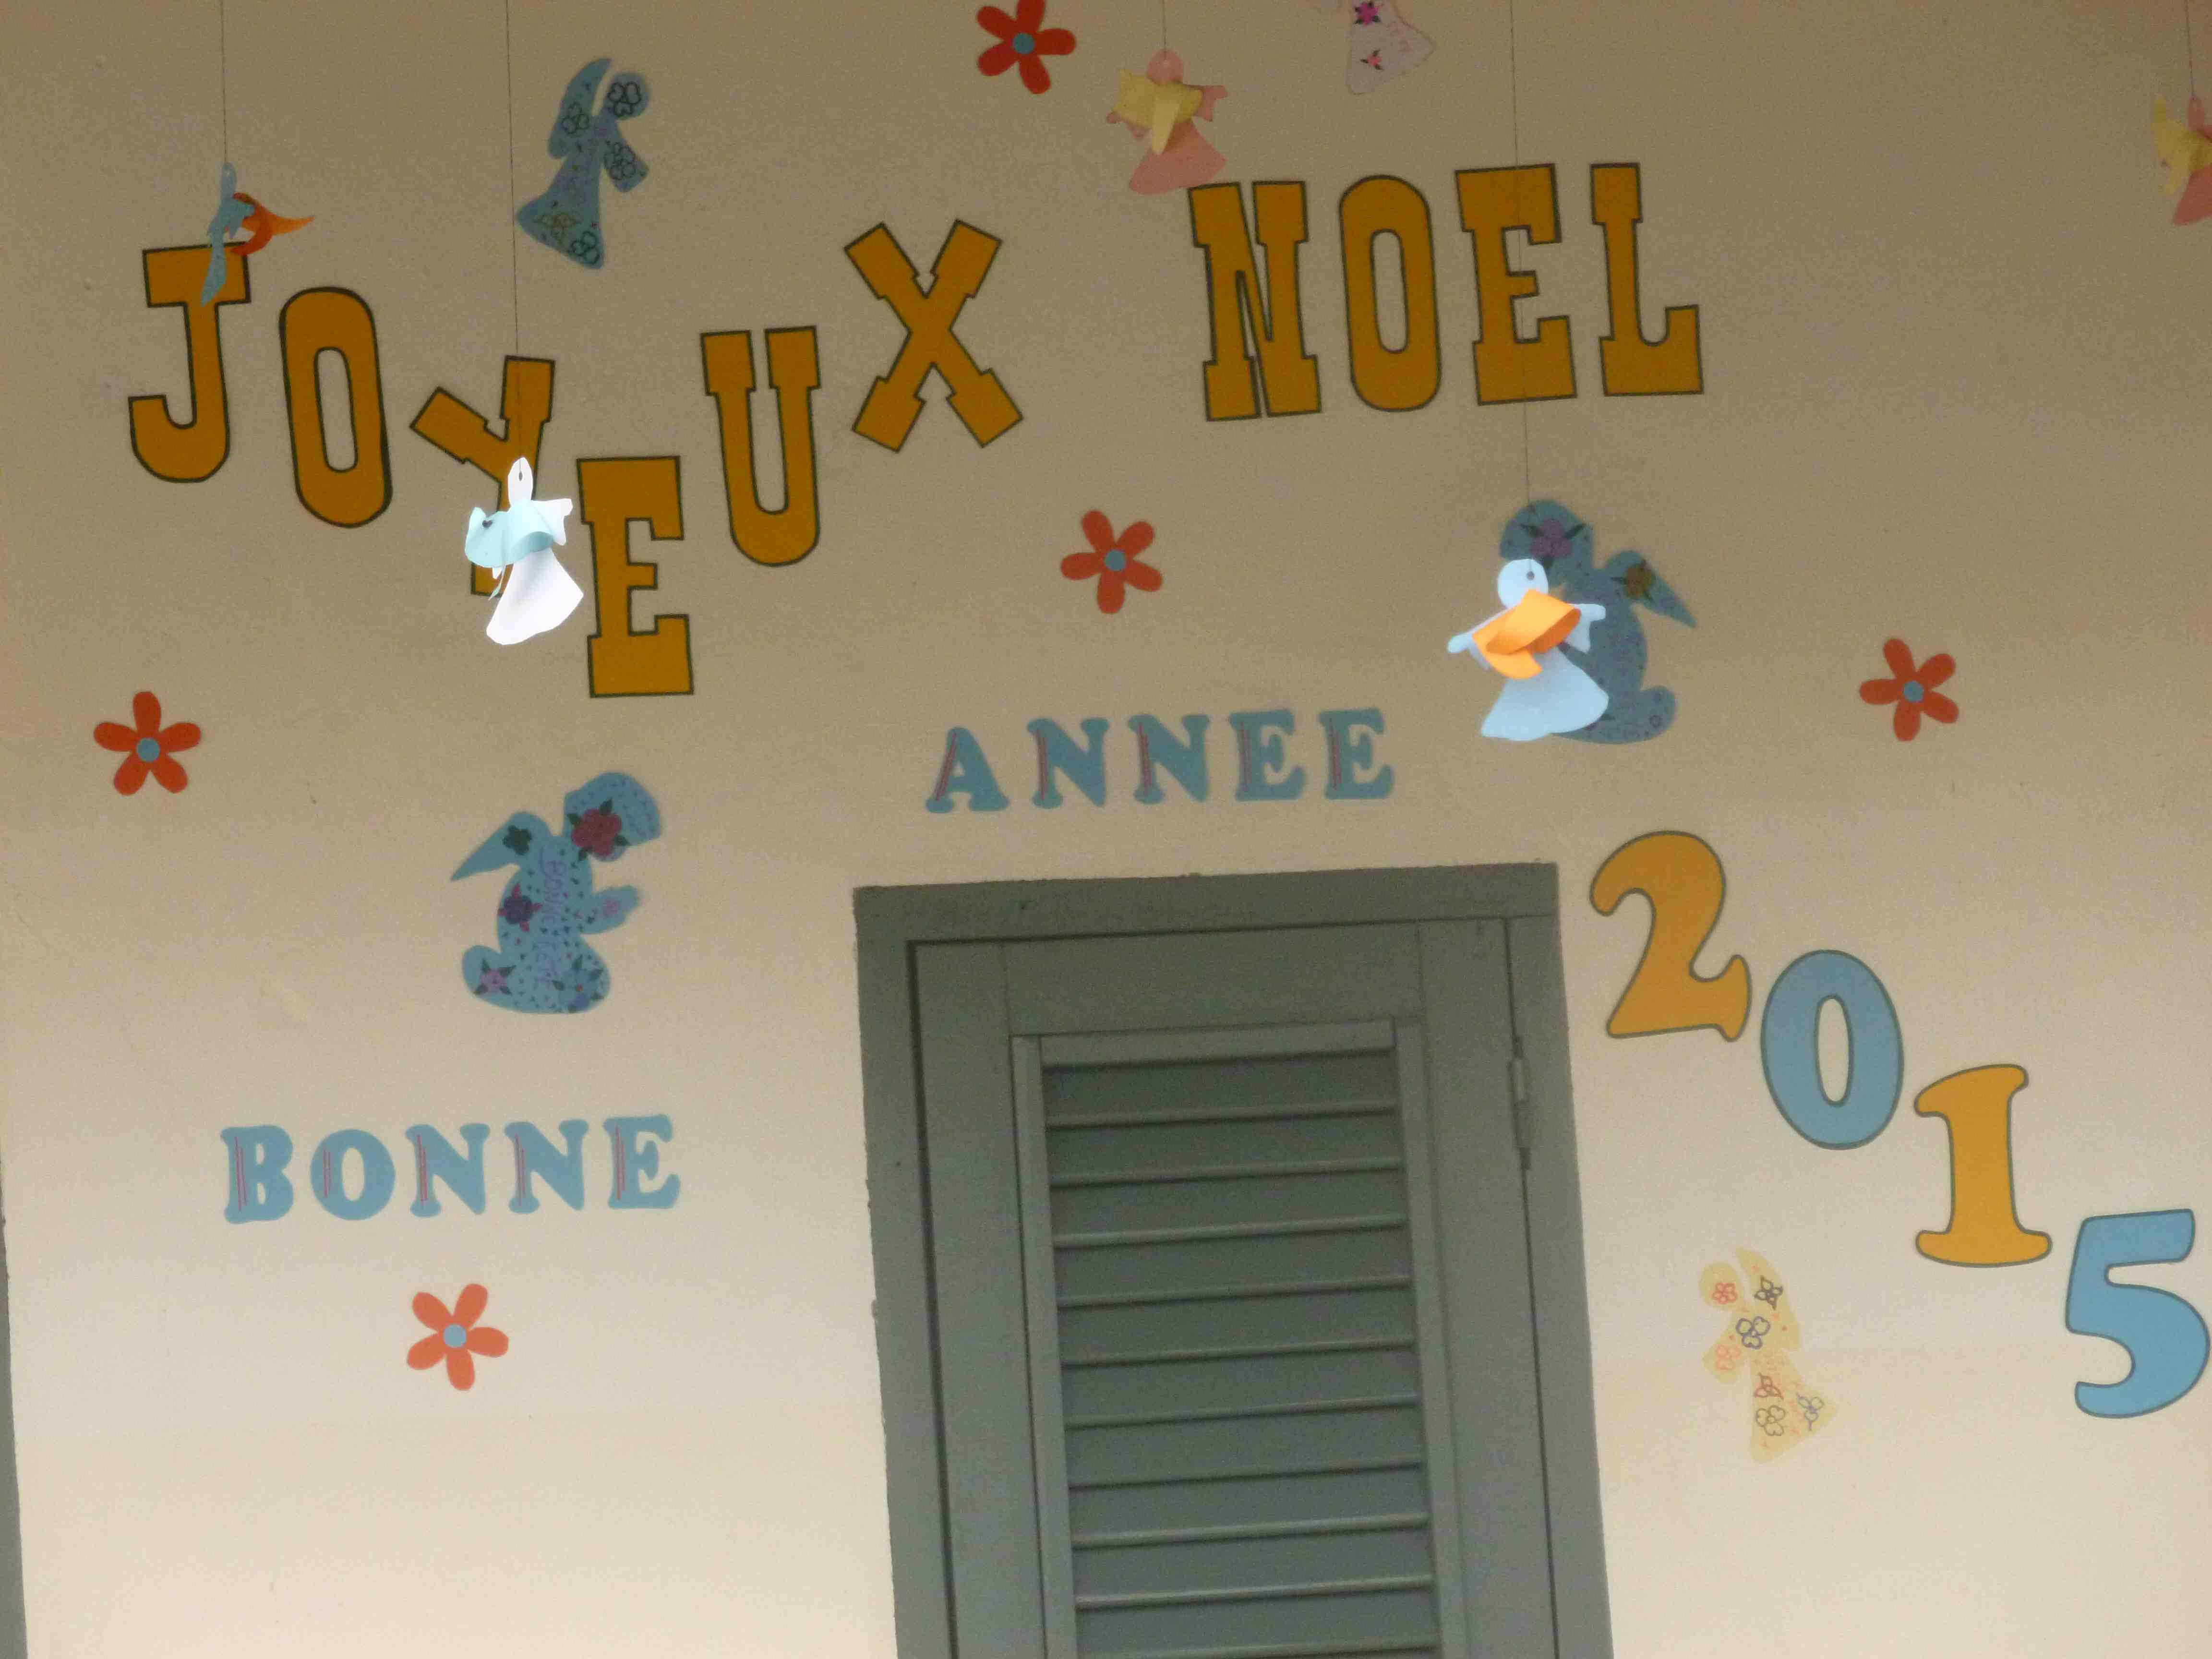 Weihnachtsgrüße Für Putzfrau.20 Weiße Weihnachten In Afrika Mit Don Bosco In Duékoué